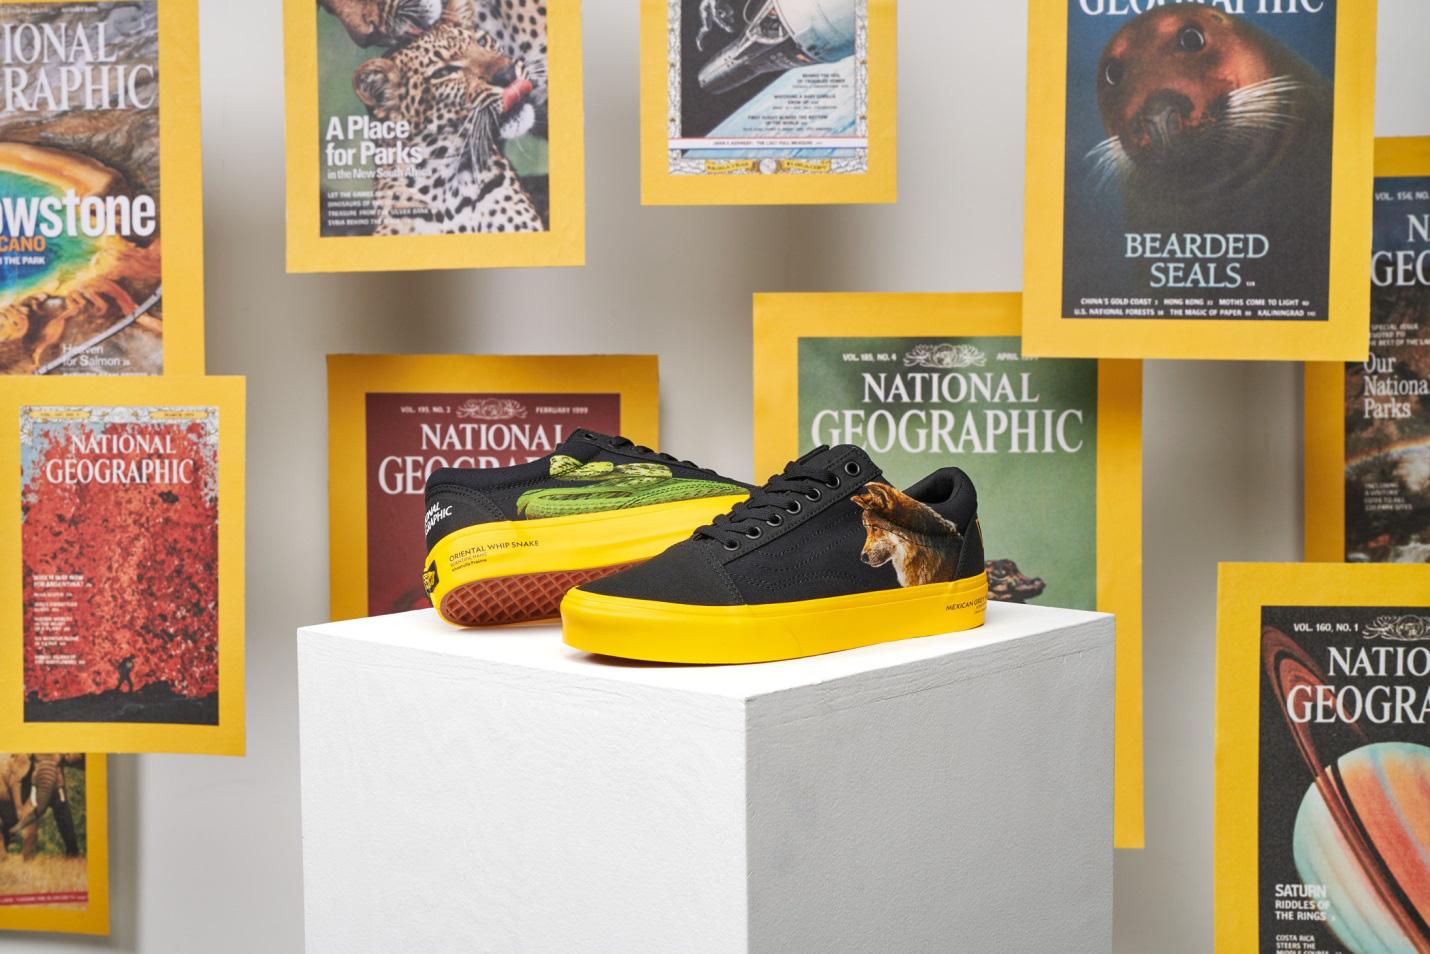 Vans lại gây sốt với siêu phẩm mới, vinh danh 132 năm cống hiến của National Geographic - Ảnh 5.